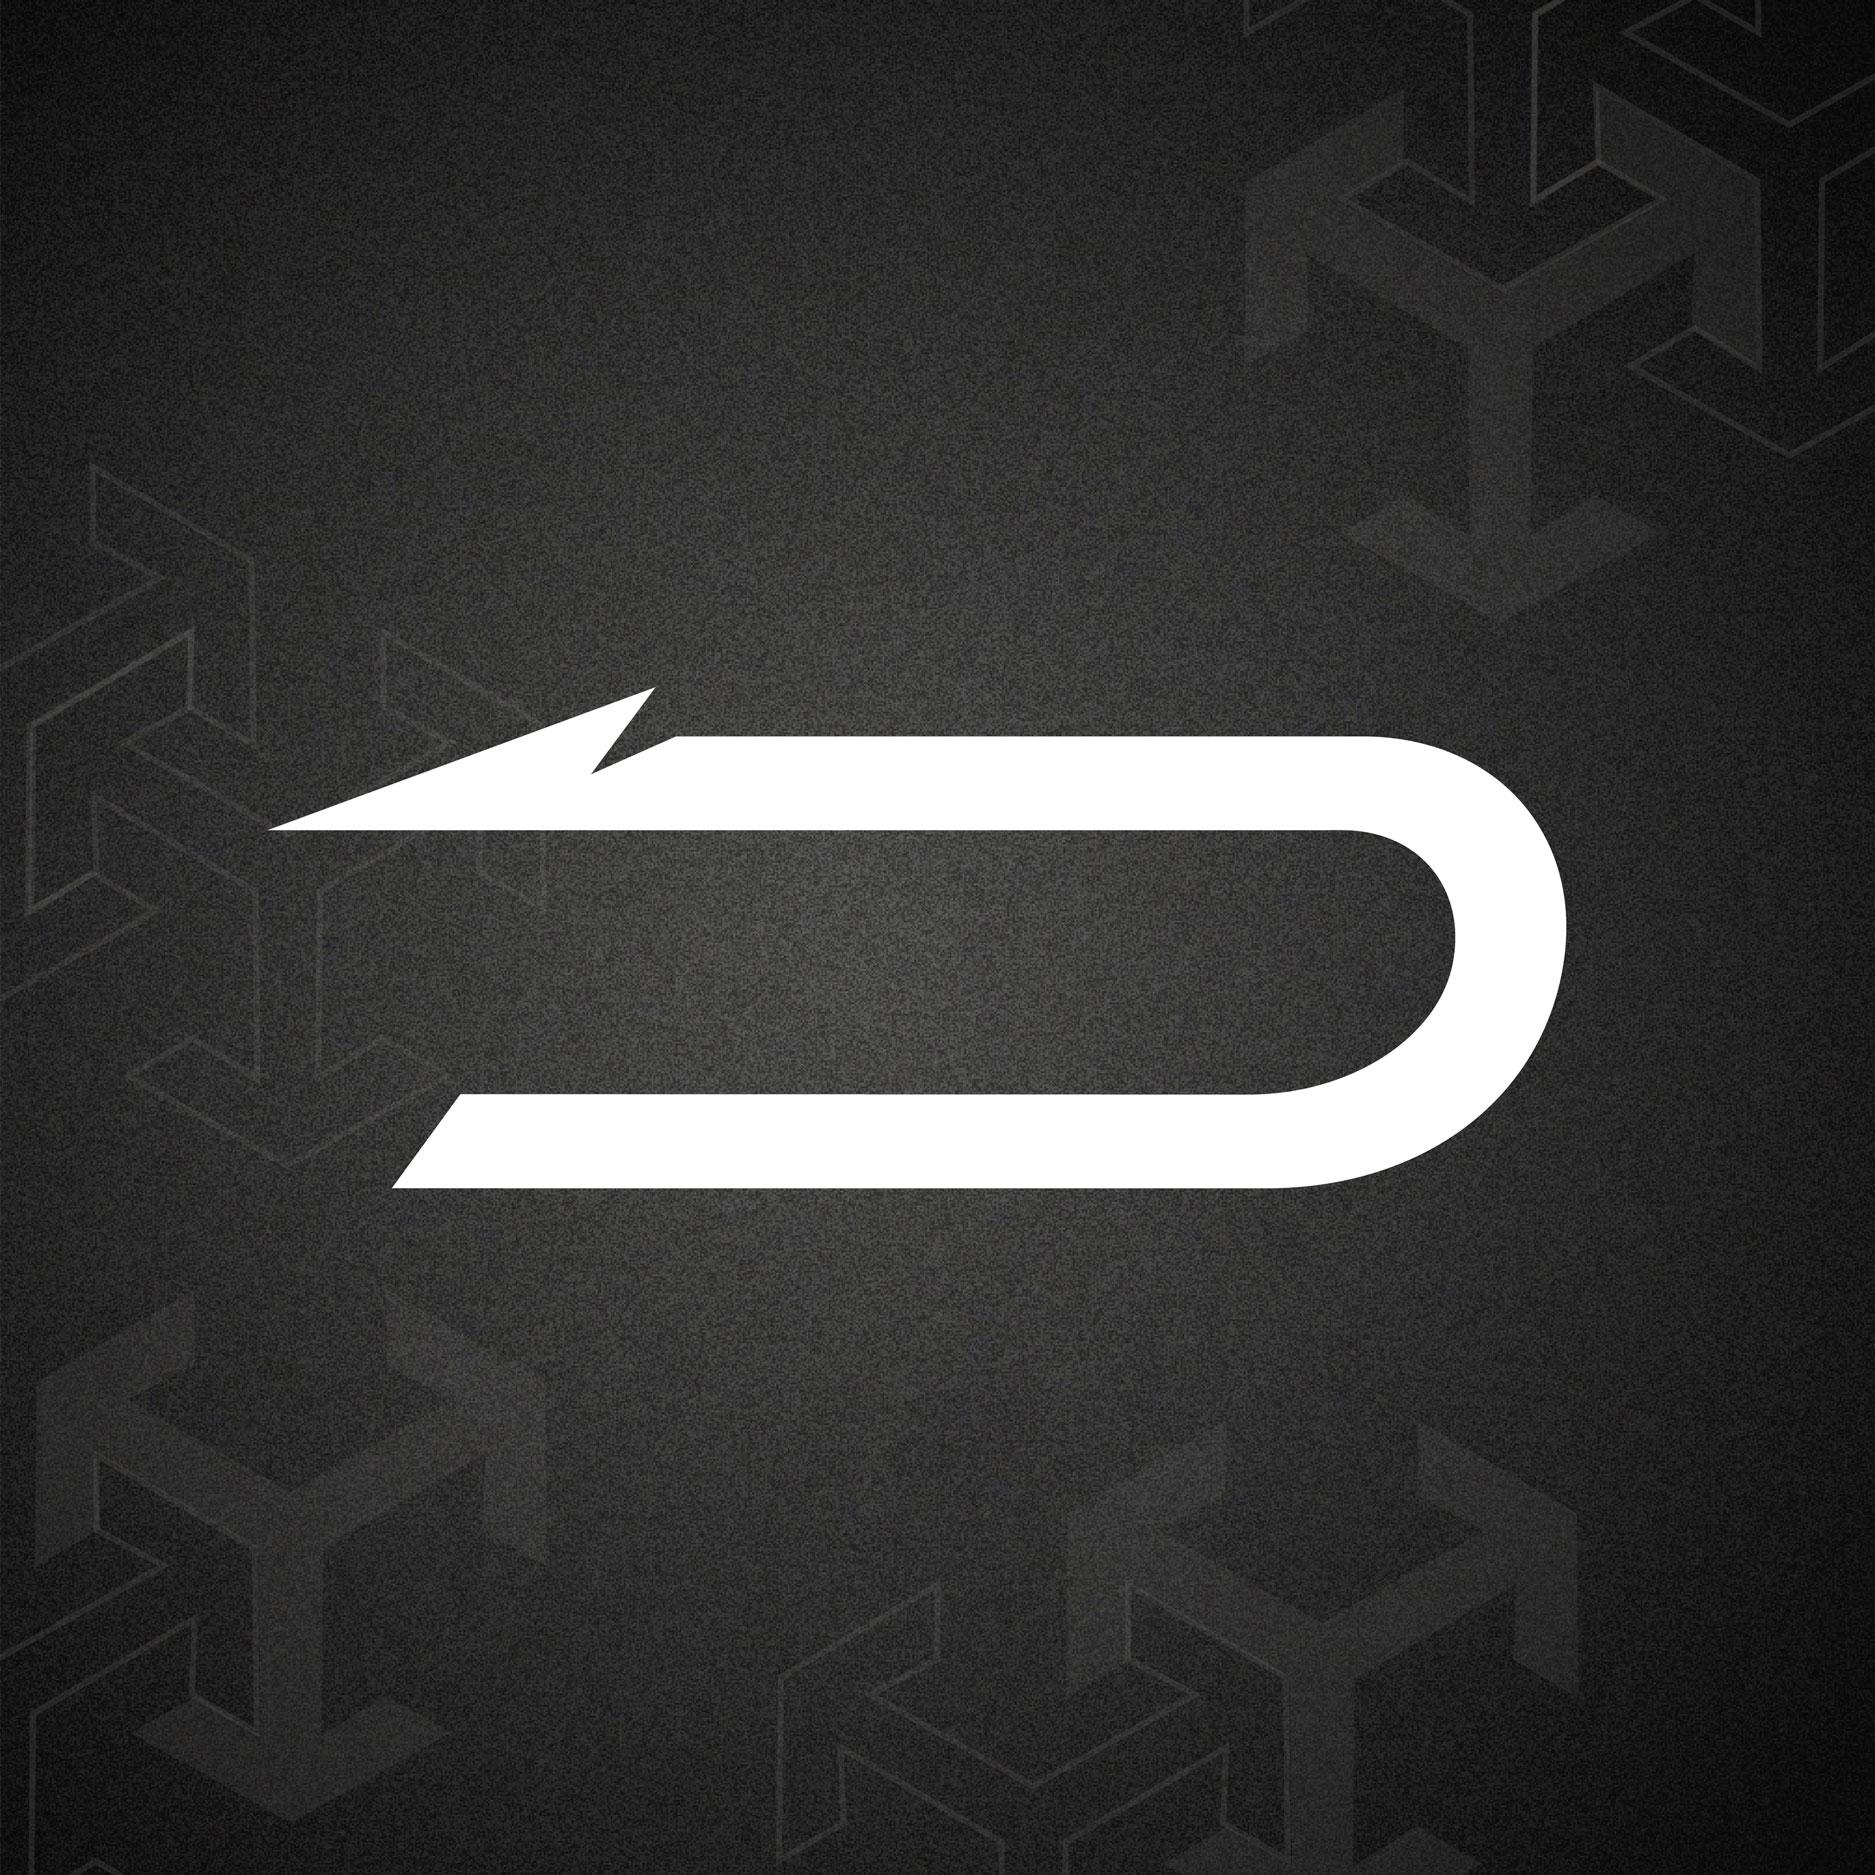 Detour Graphic Design Inc.  on LogoLounge